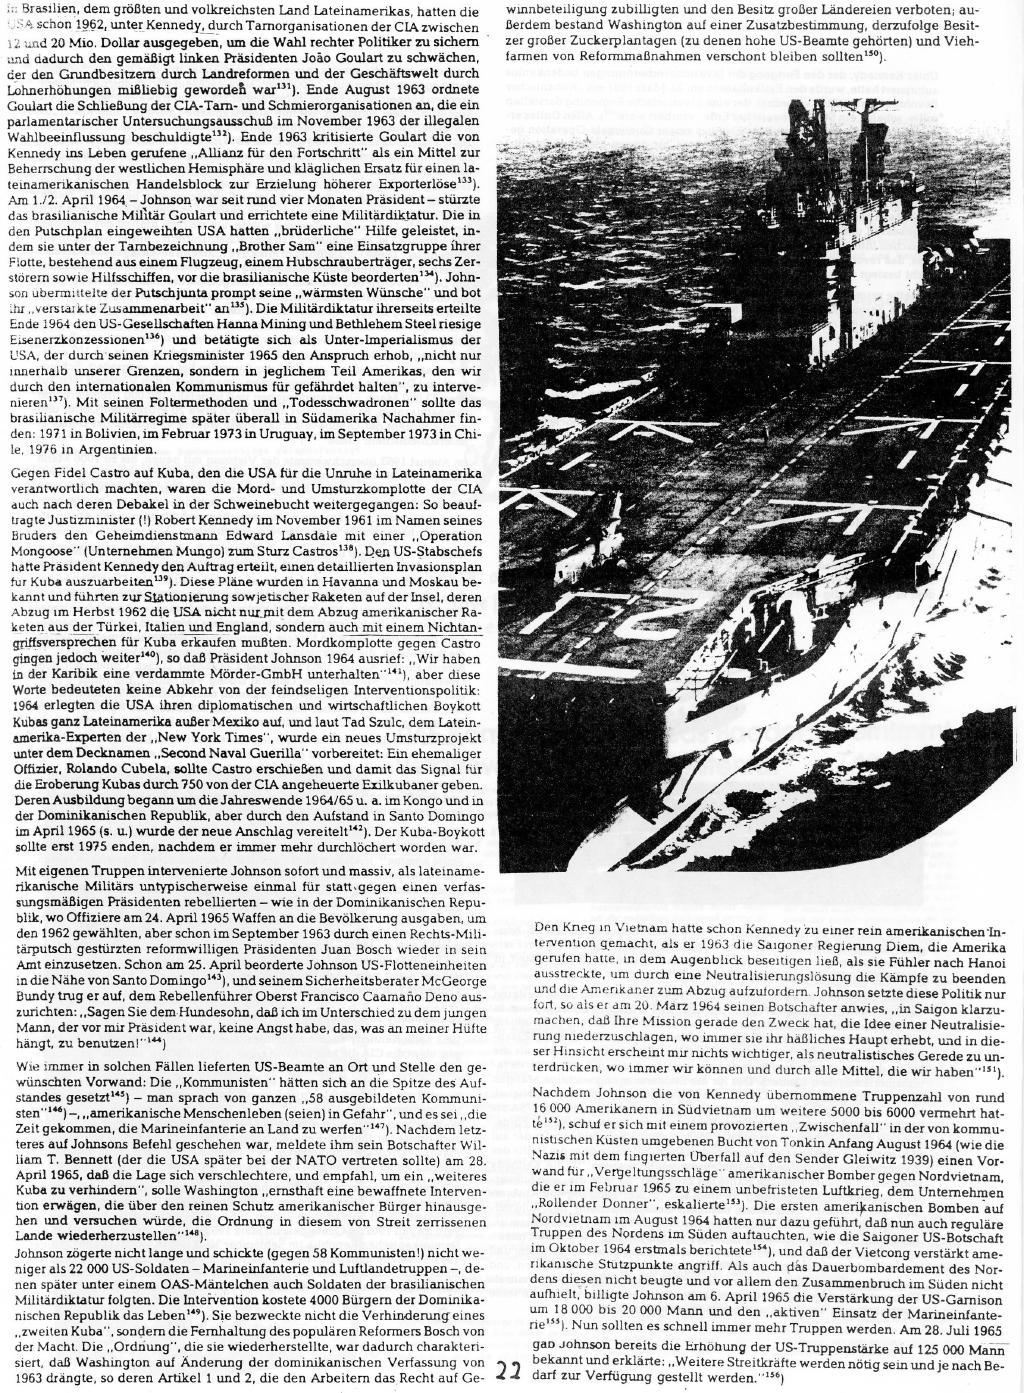 Bremen_1980_NATO_Broschuere_22